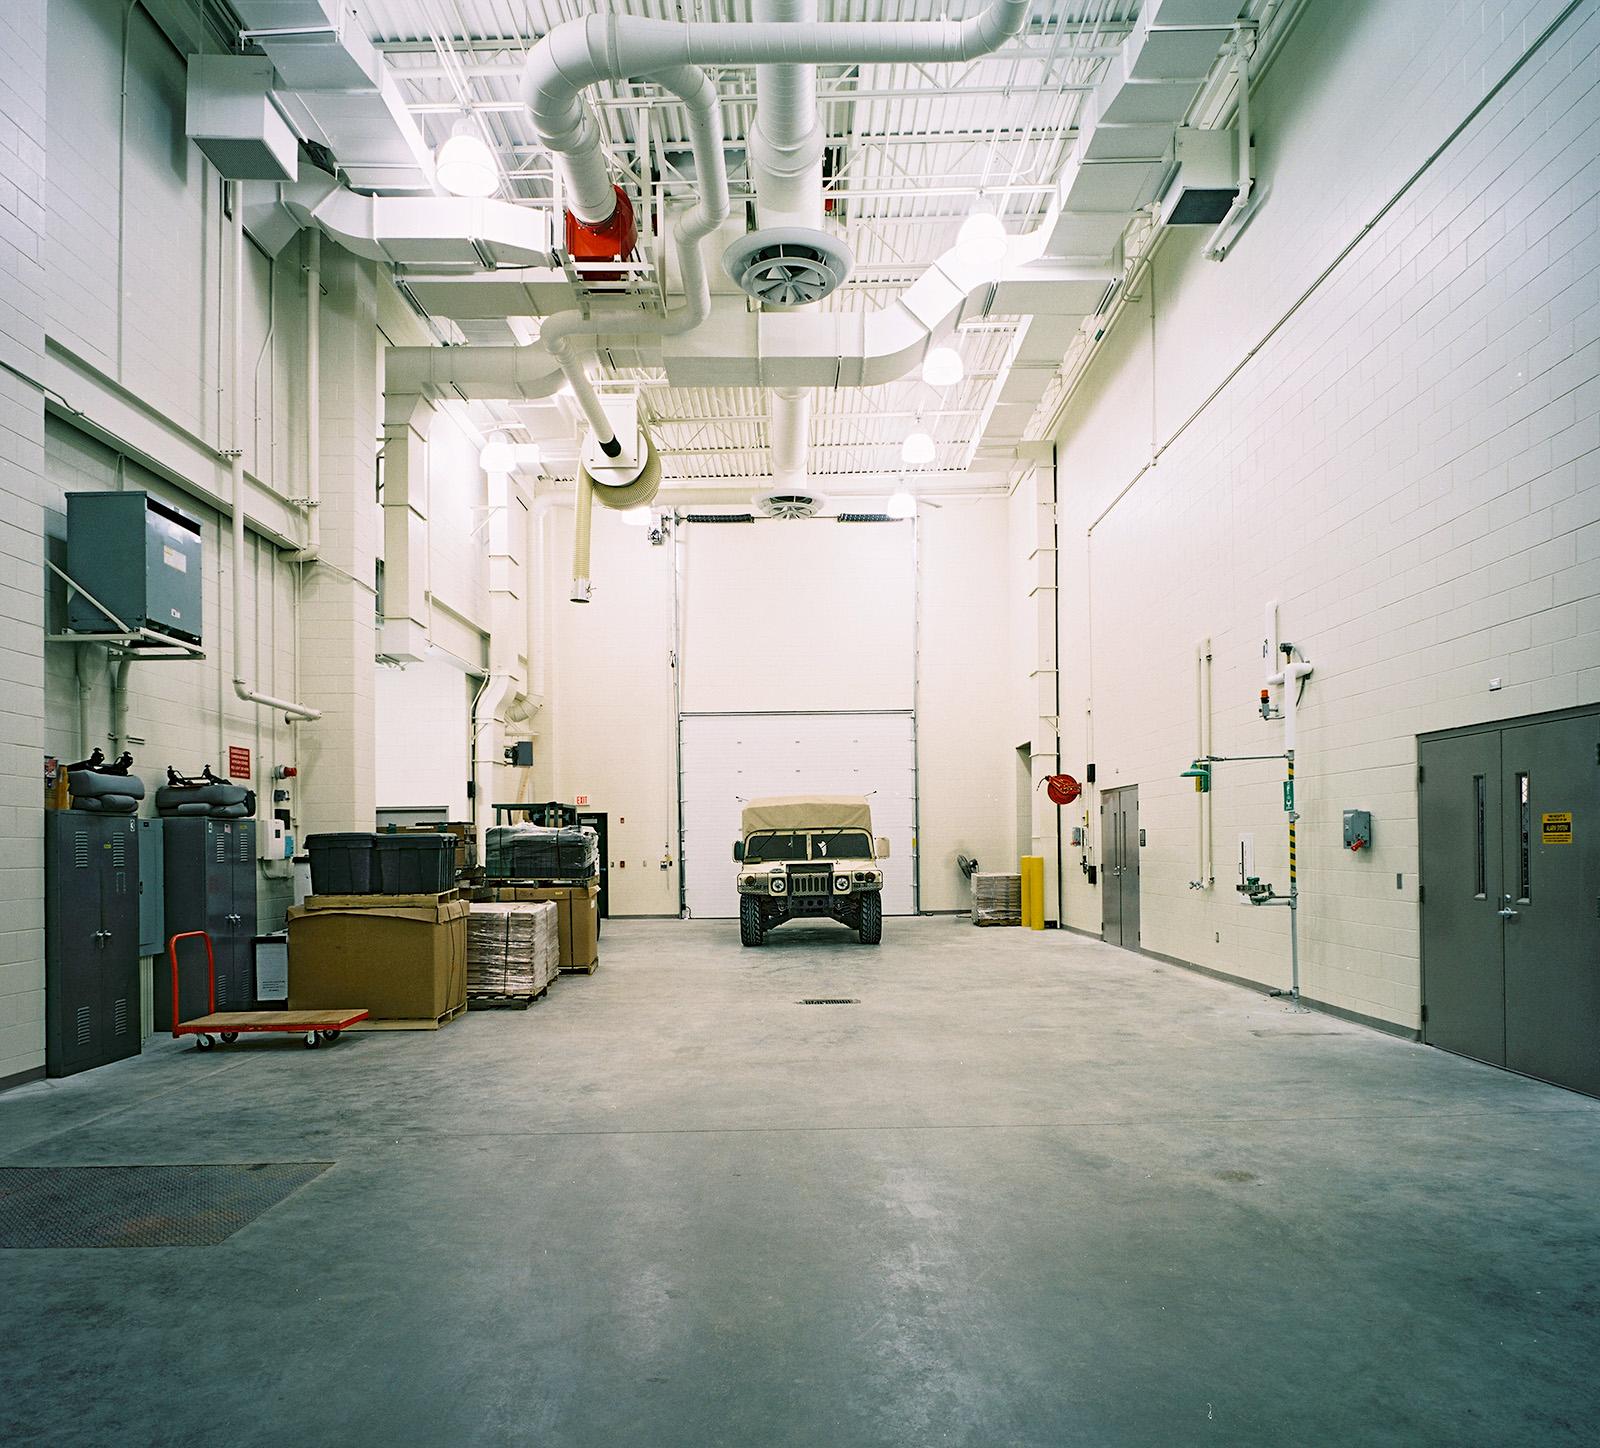 mi-dmva-joint-forces-hq-garage